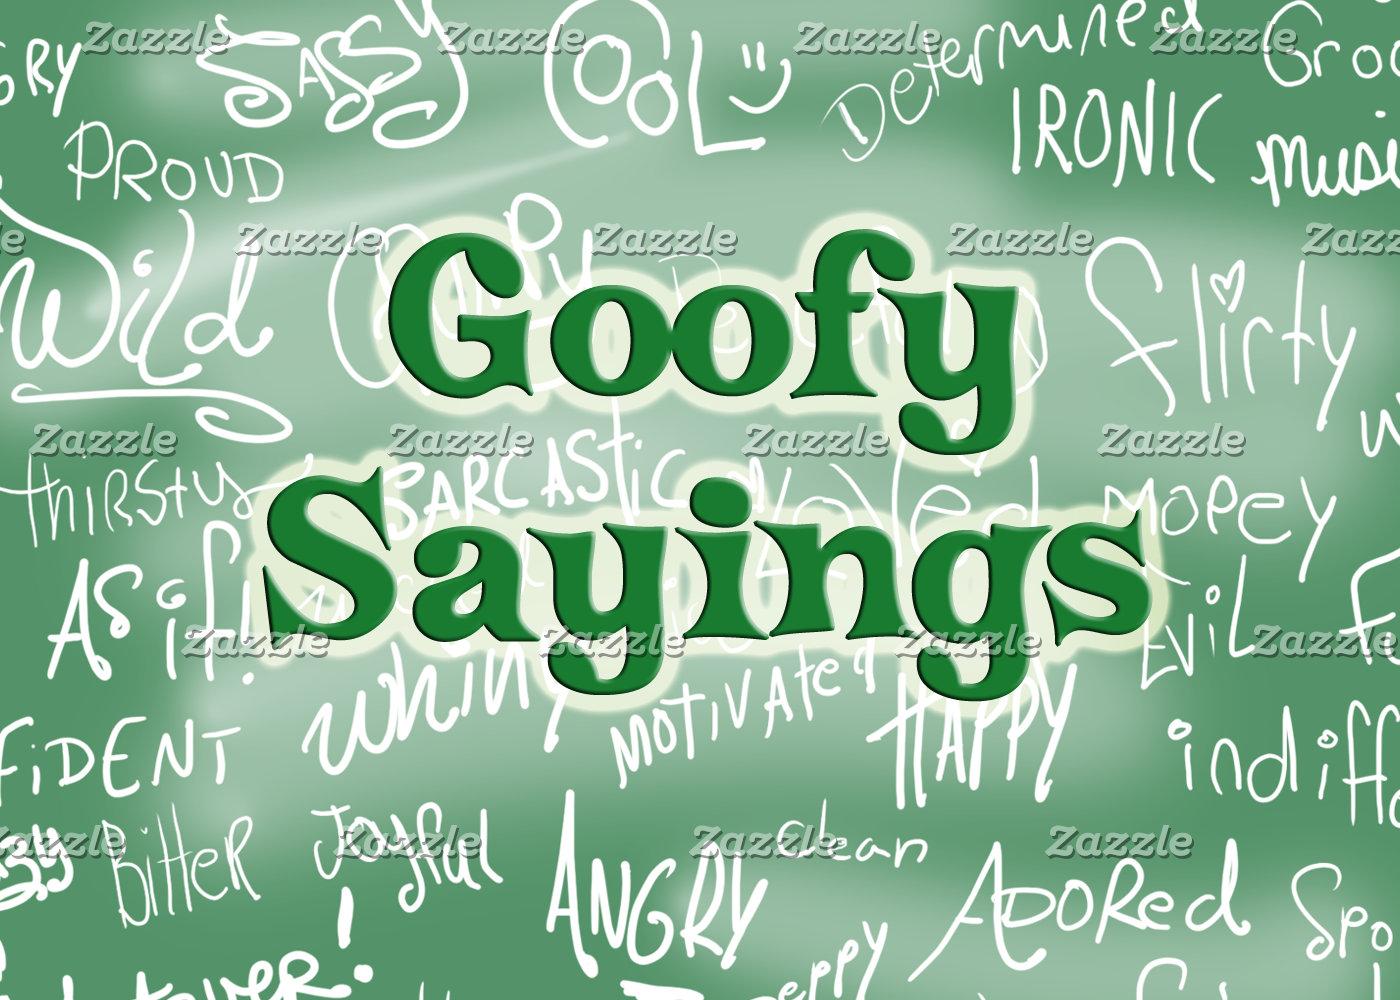 Goofy Sayings